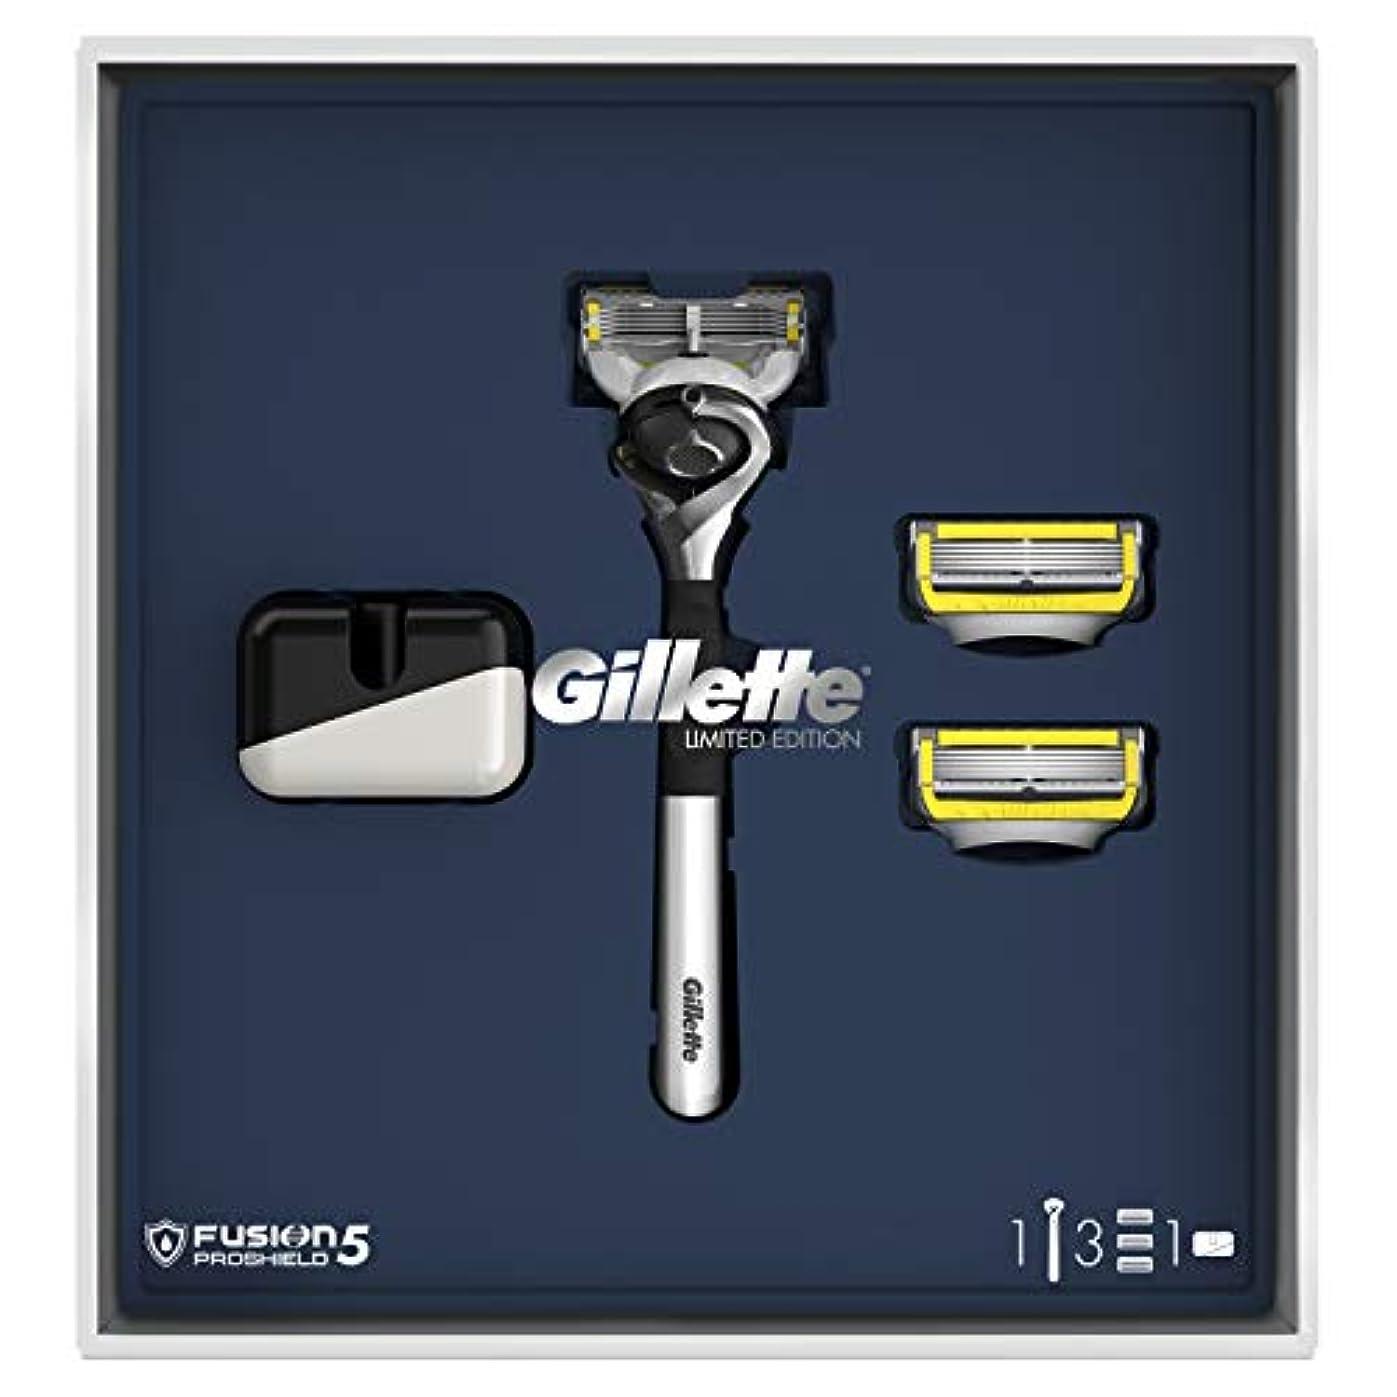 注ぎます異常な注釈を付けるジレット プロシールド 髭剃り本体+替刃3個 オリジナルスタンド付 スペシャルパッケージ